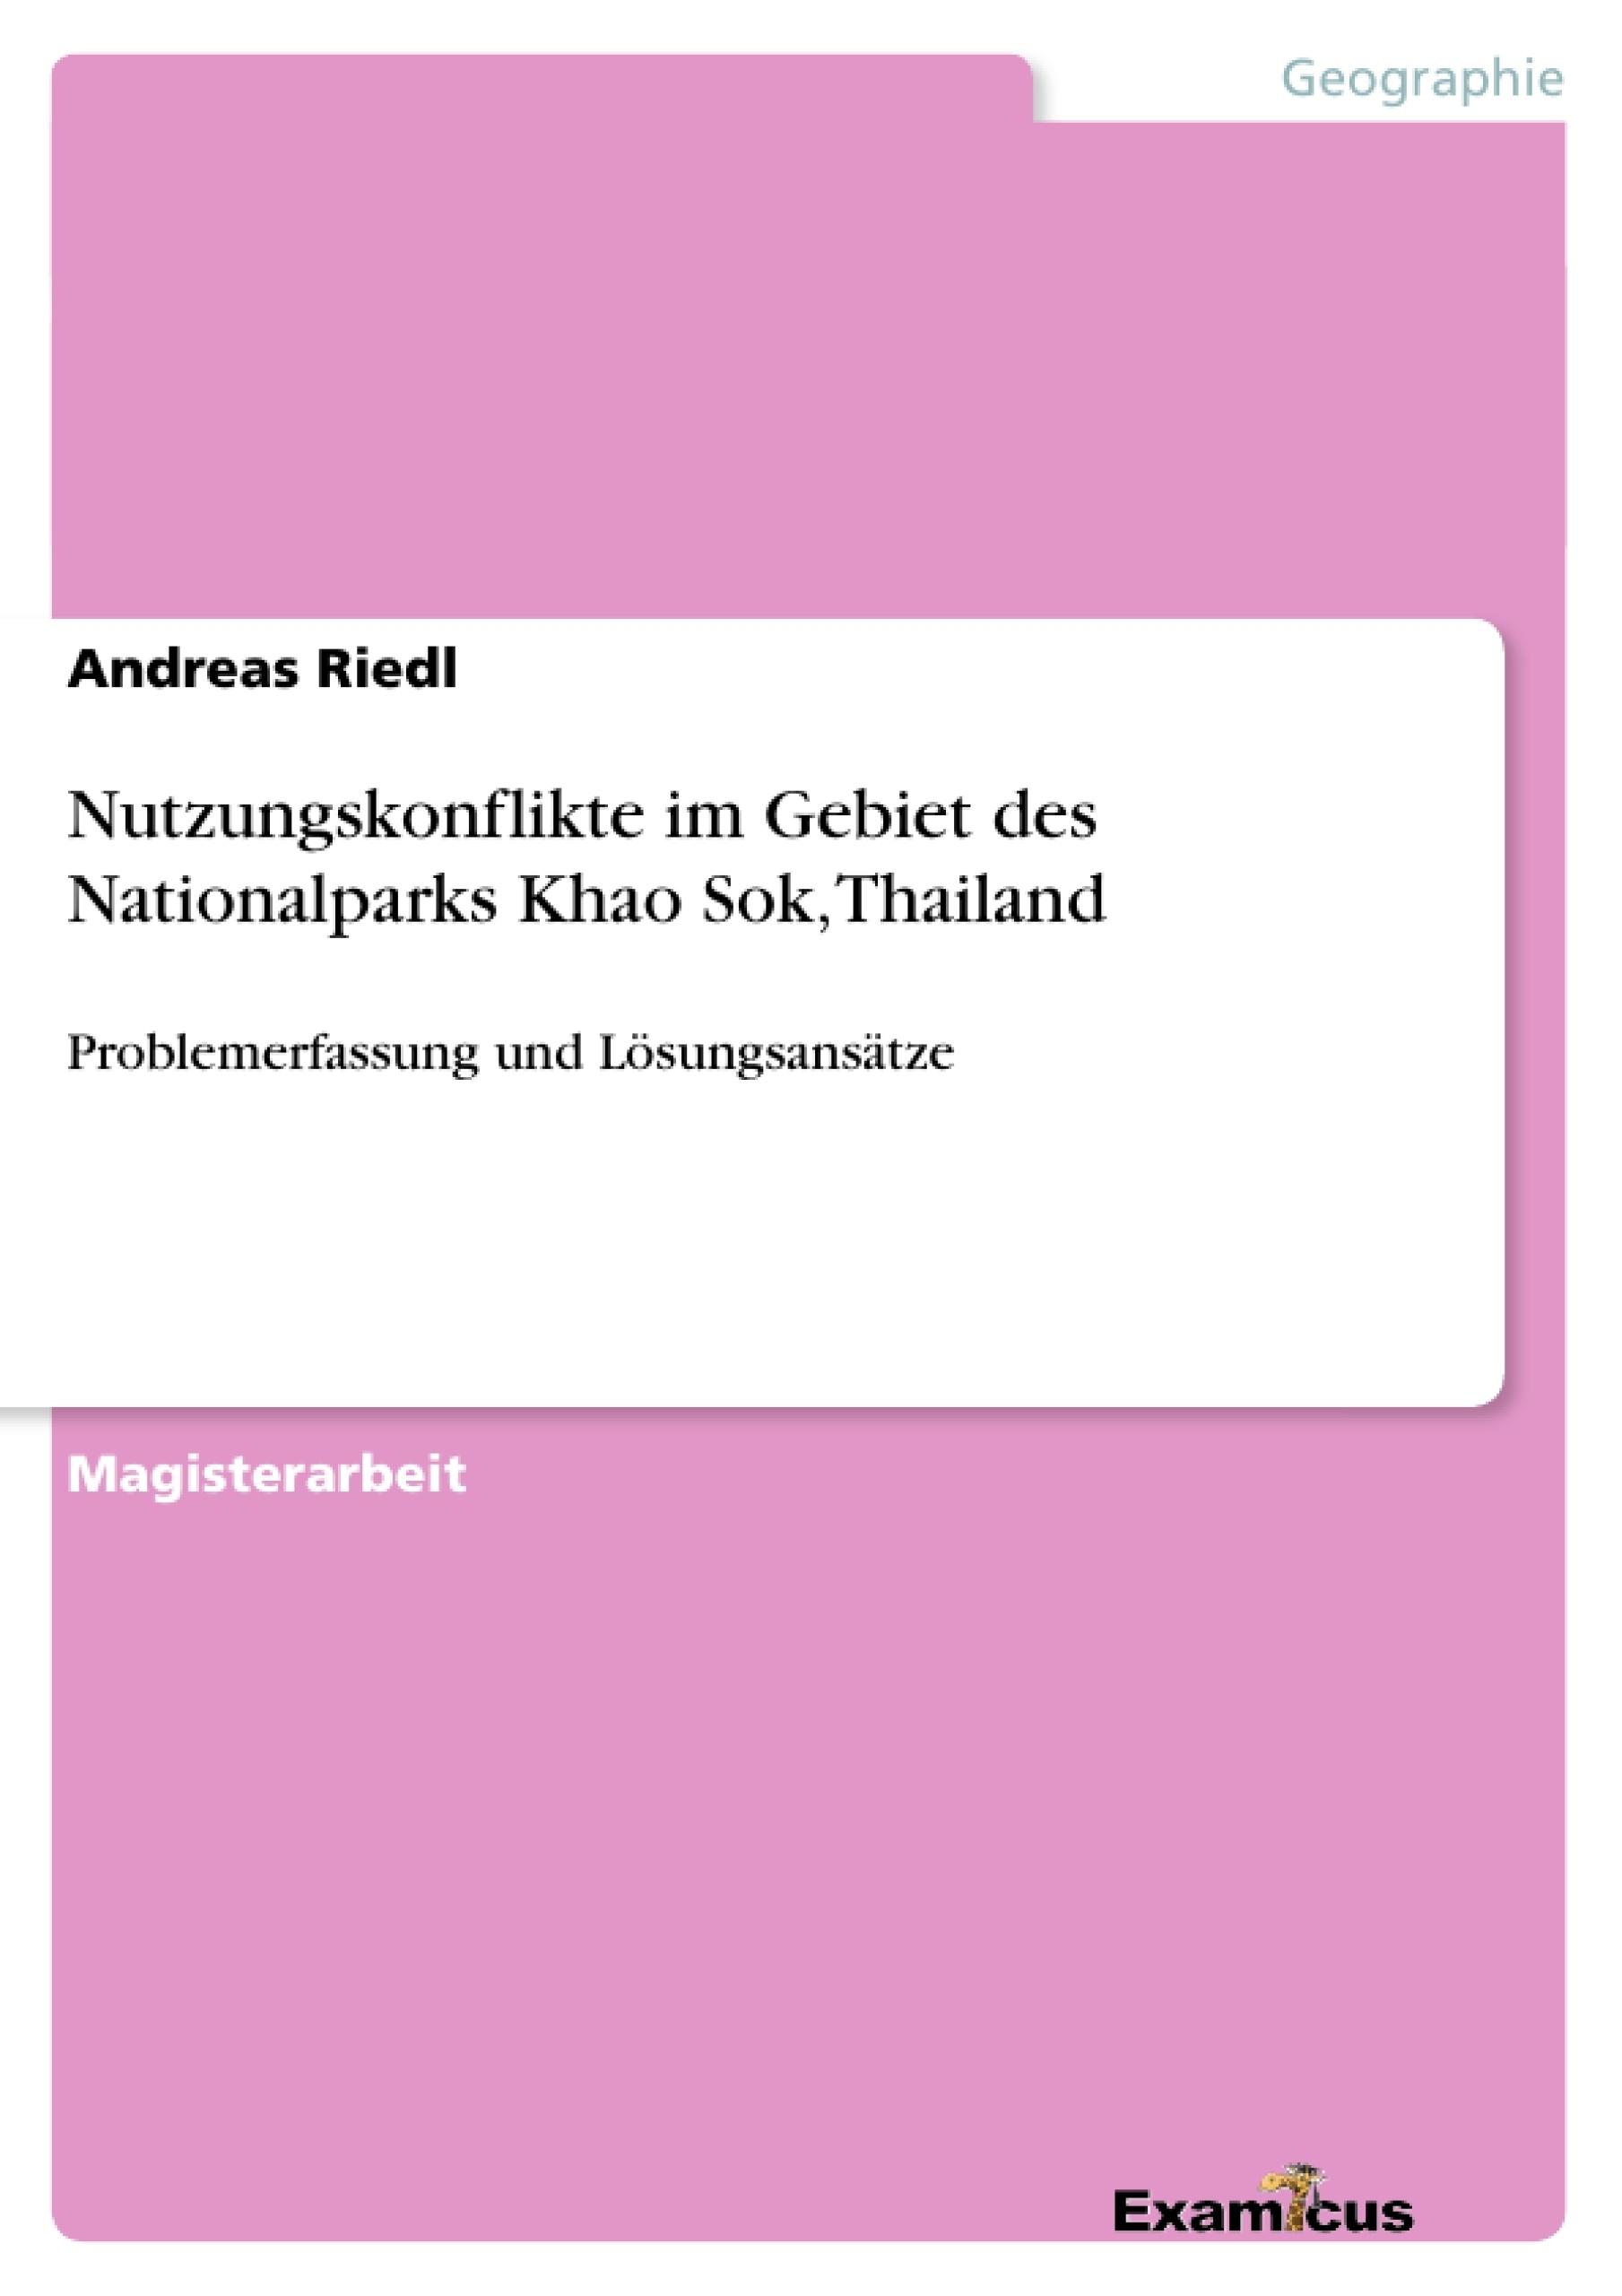 Titel: Nutzungskonflikte im Gebiet des Nationalparks Khao Sok, Thailand